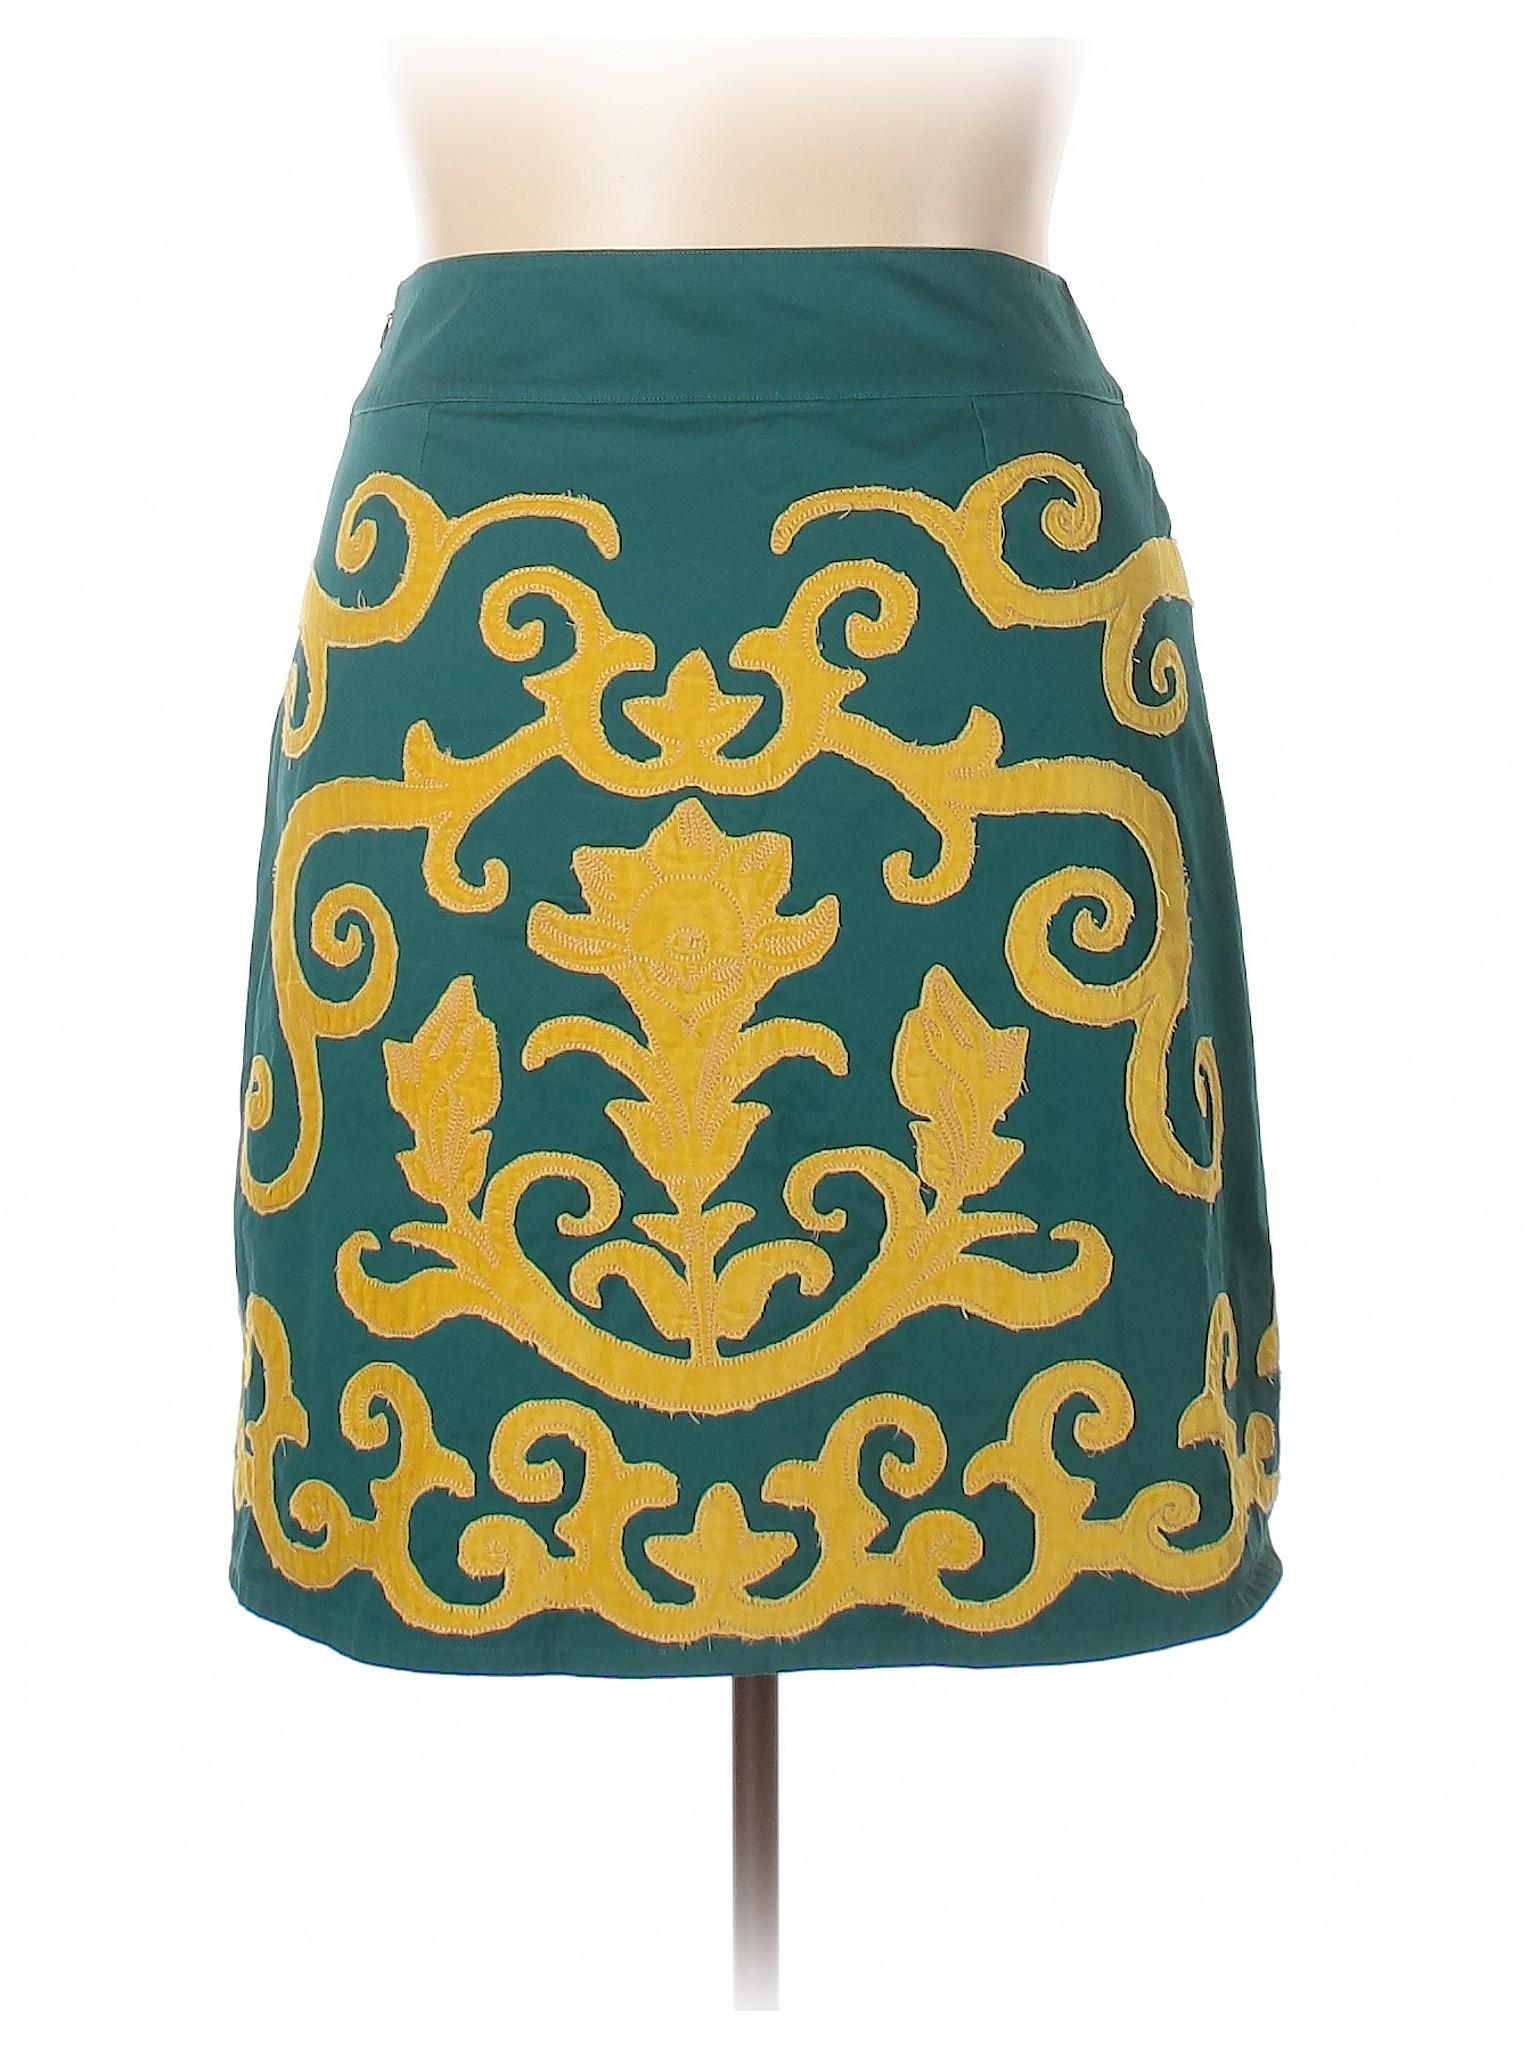 Casual Skirt Casual Skirt Casual Boutique Boutique Boutique xYHqY6t